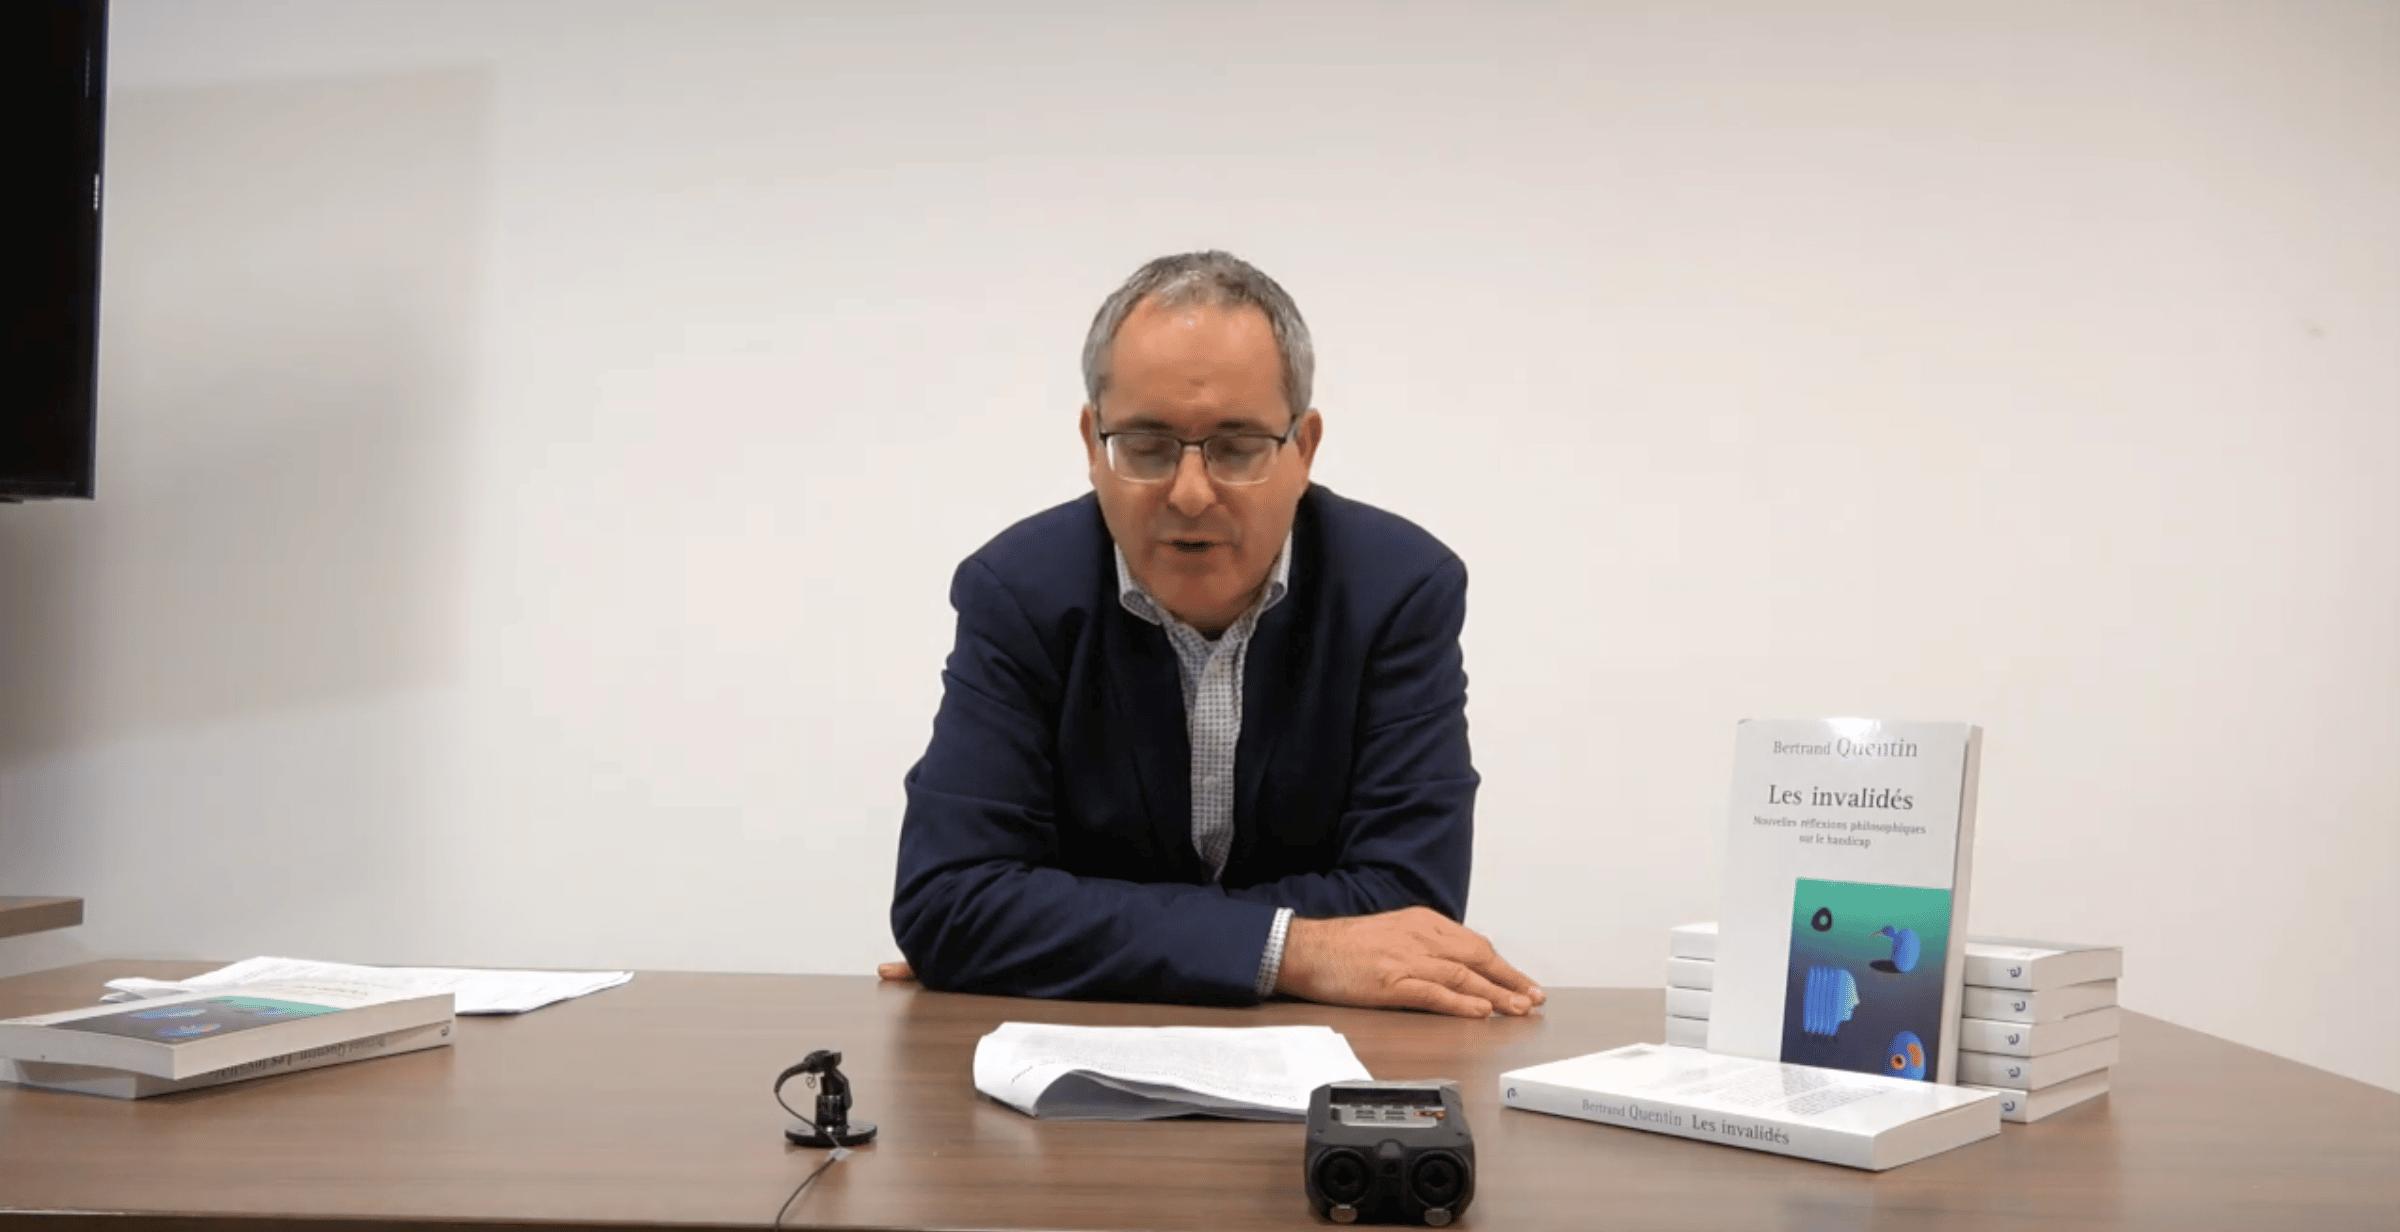 Bertrand Quentin – Penser le concept de handicap